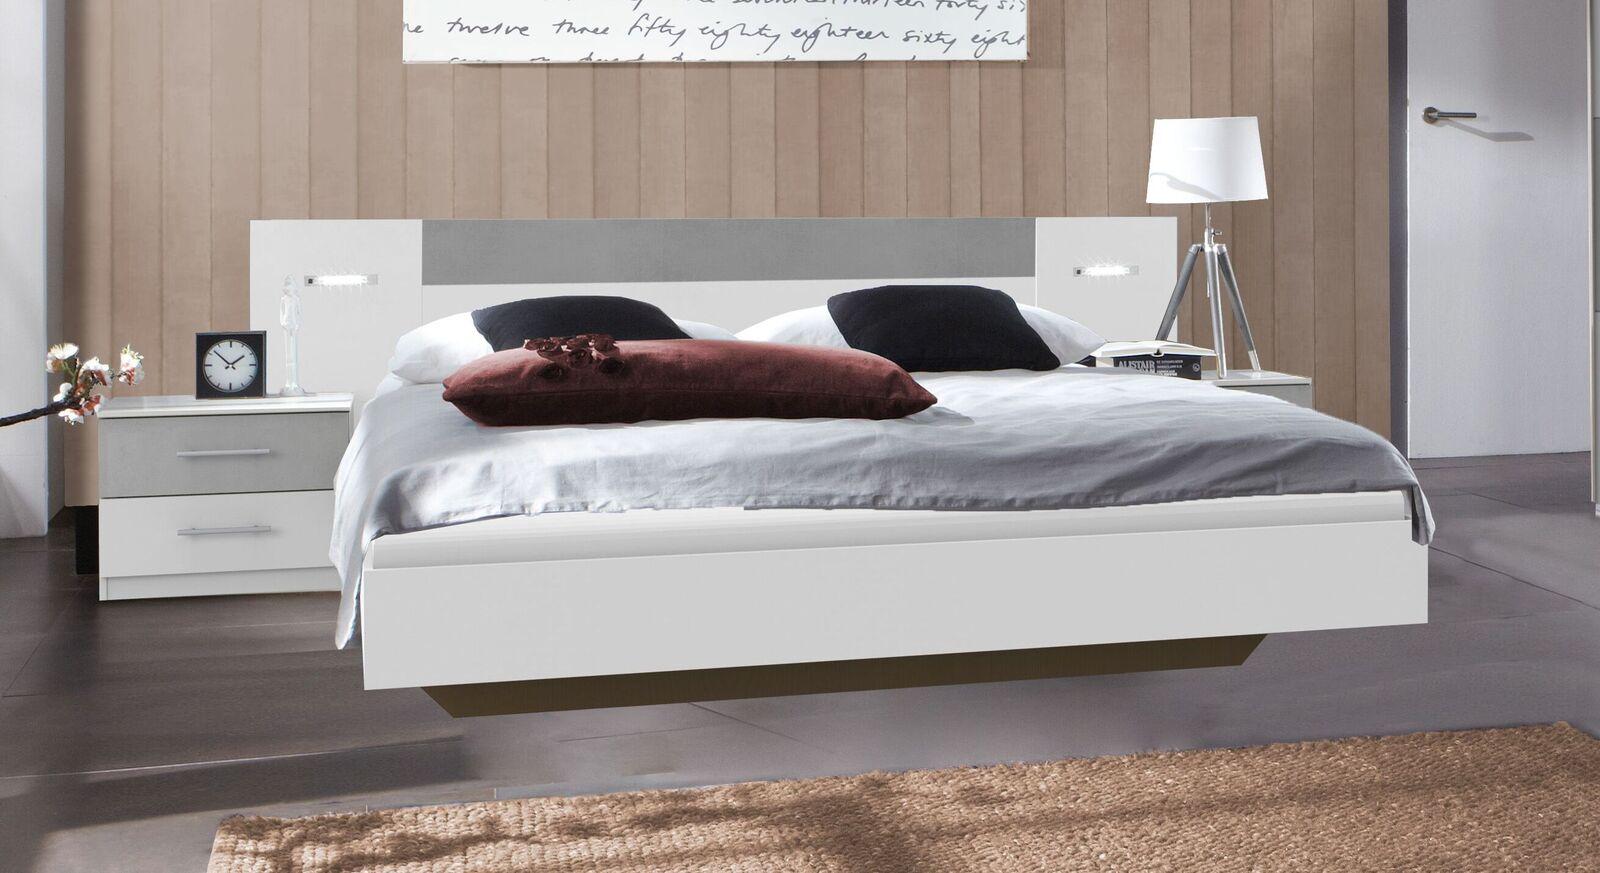 Bett Dahlen mit integrierten LED-Leuchten